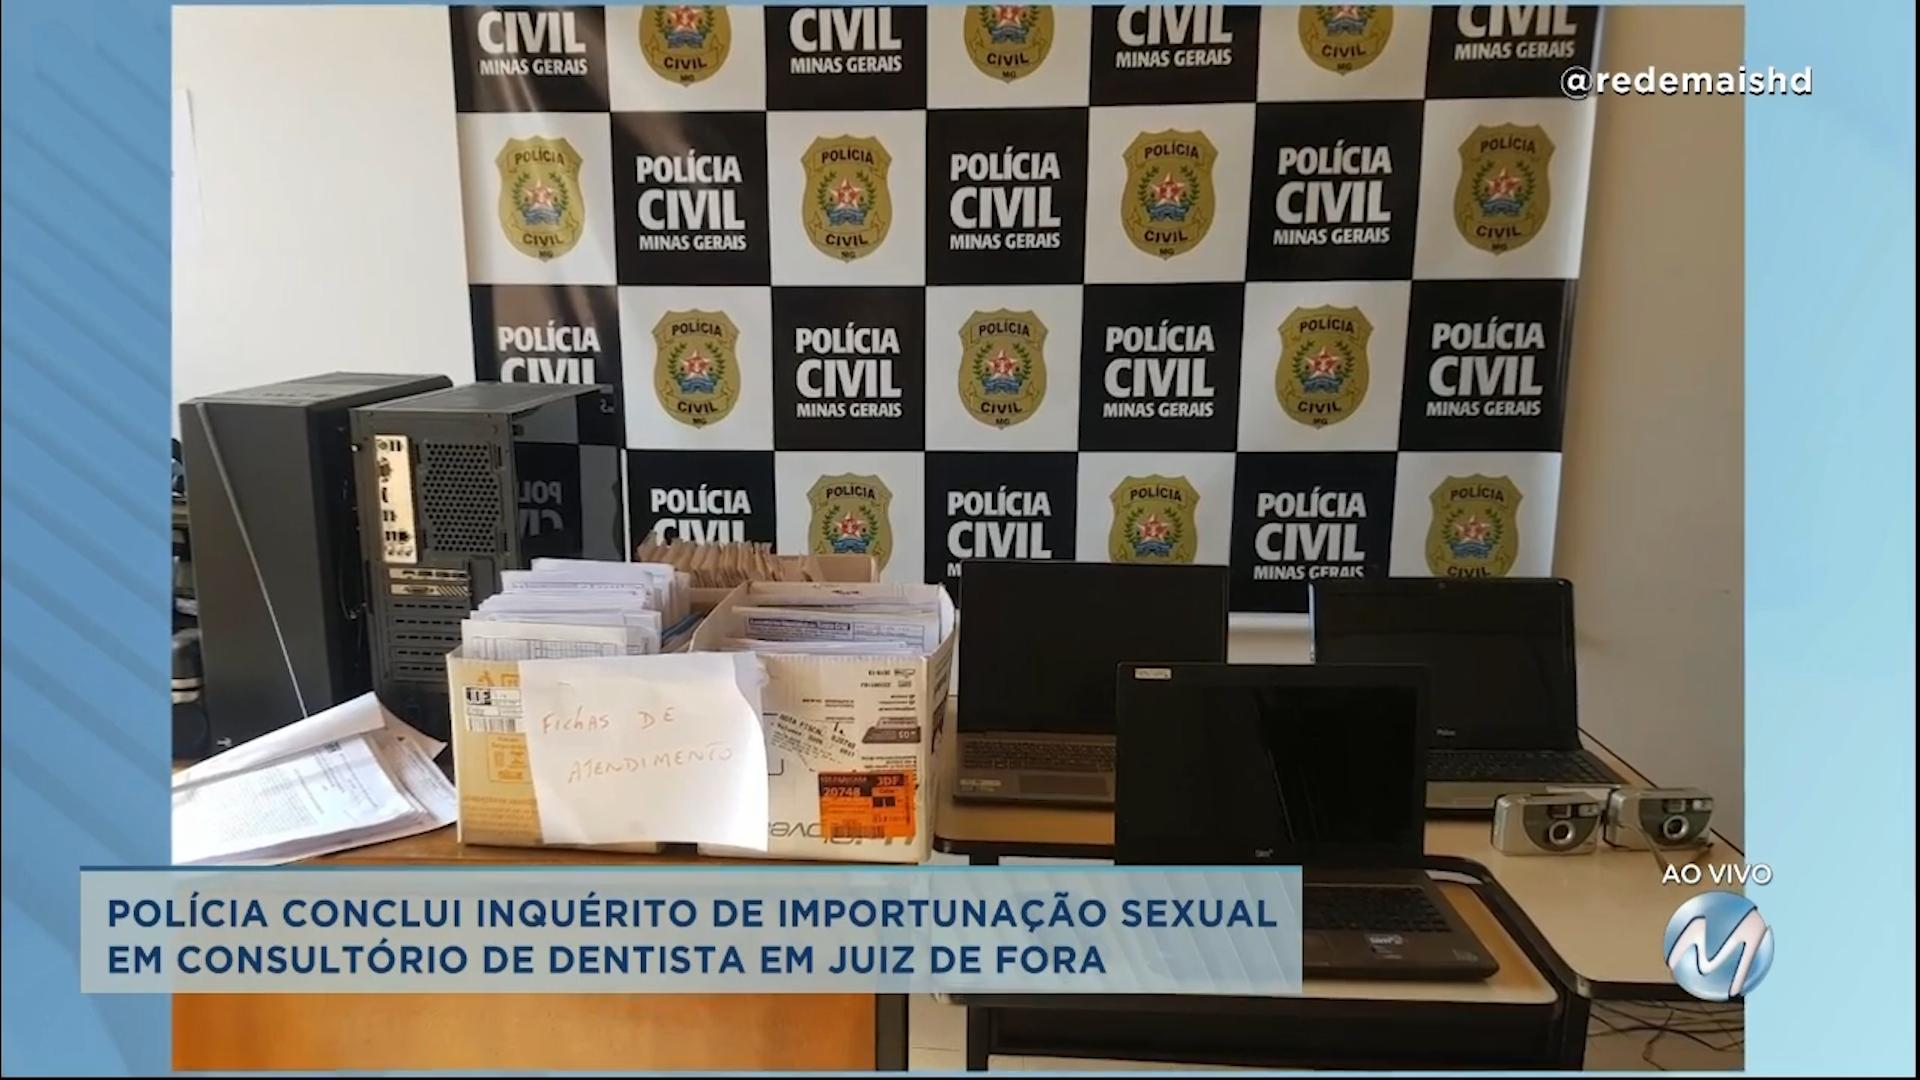 Polícia conclui inquérito de importunação sexual